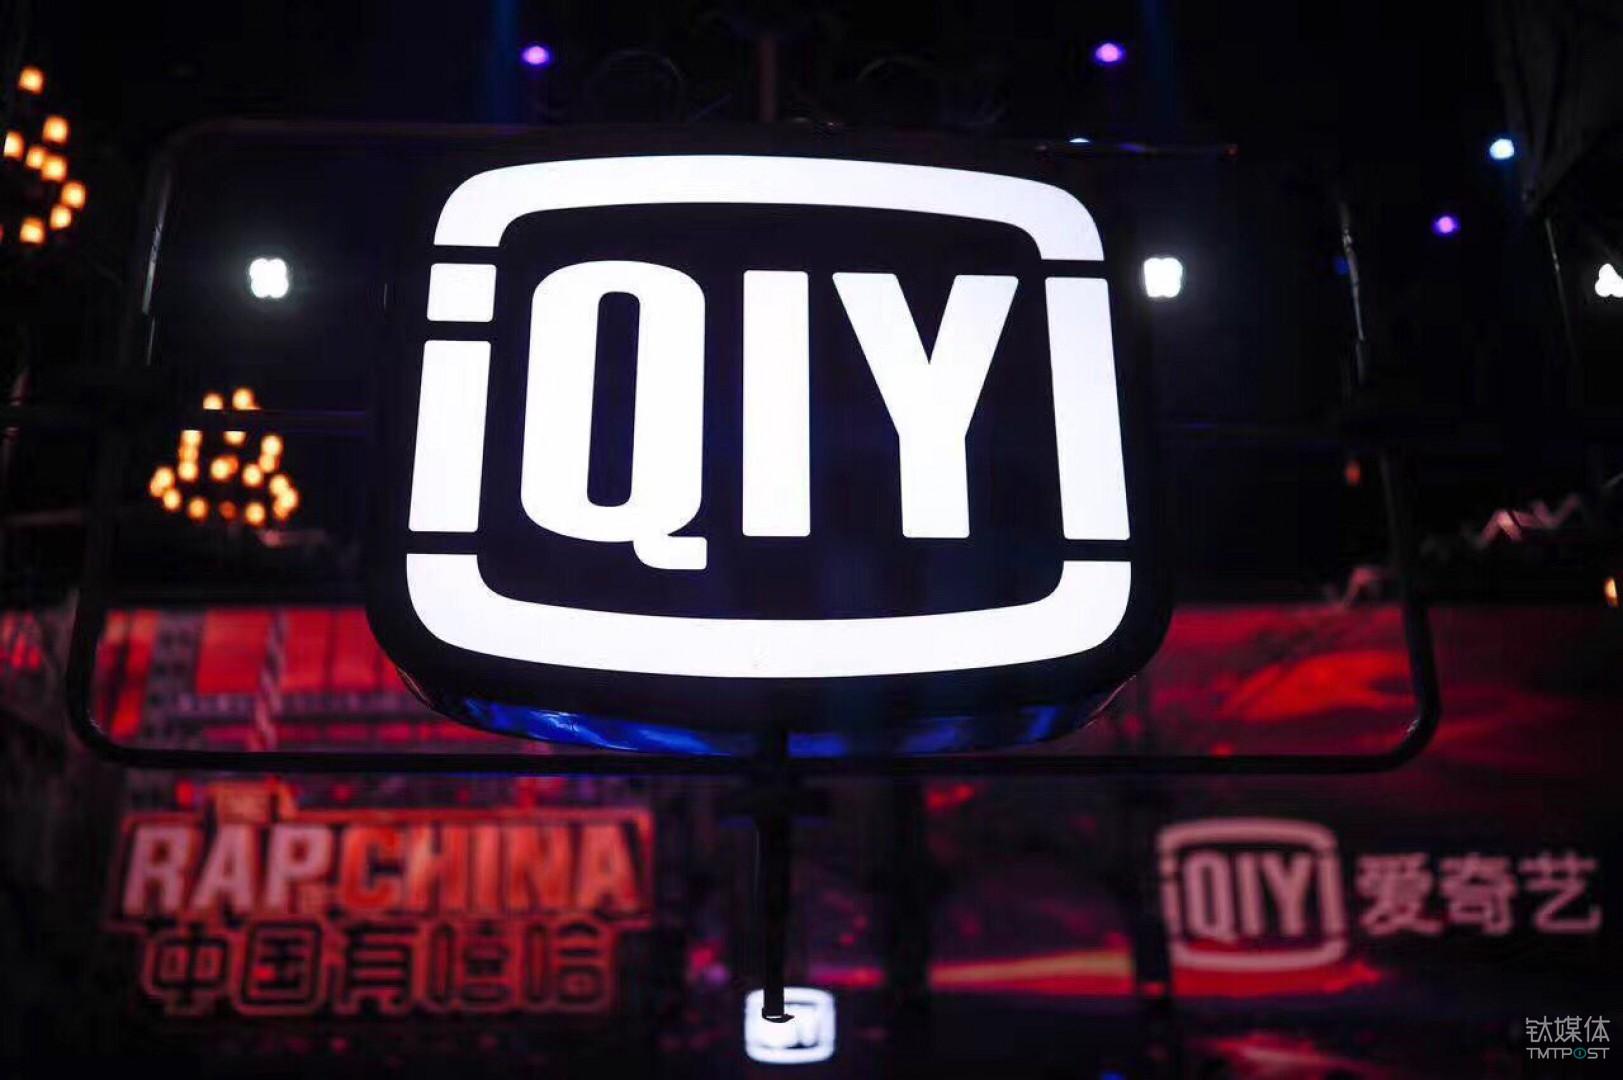 网剧正成为当下中国文化中最主流的现象之一